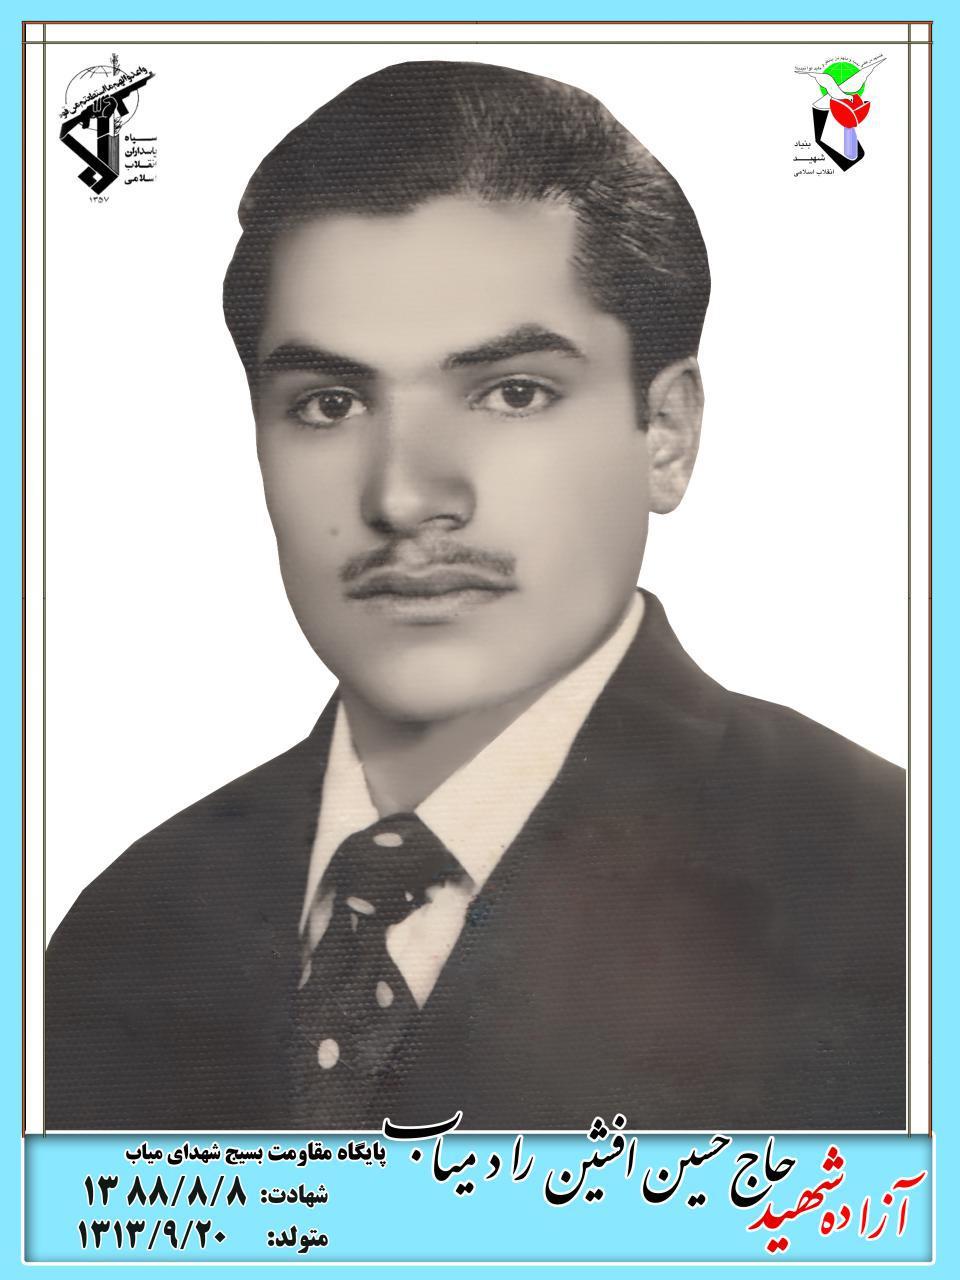 شهید آزاده حاج حسین افشین راد میاب مرند